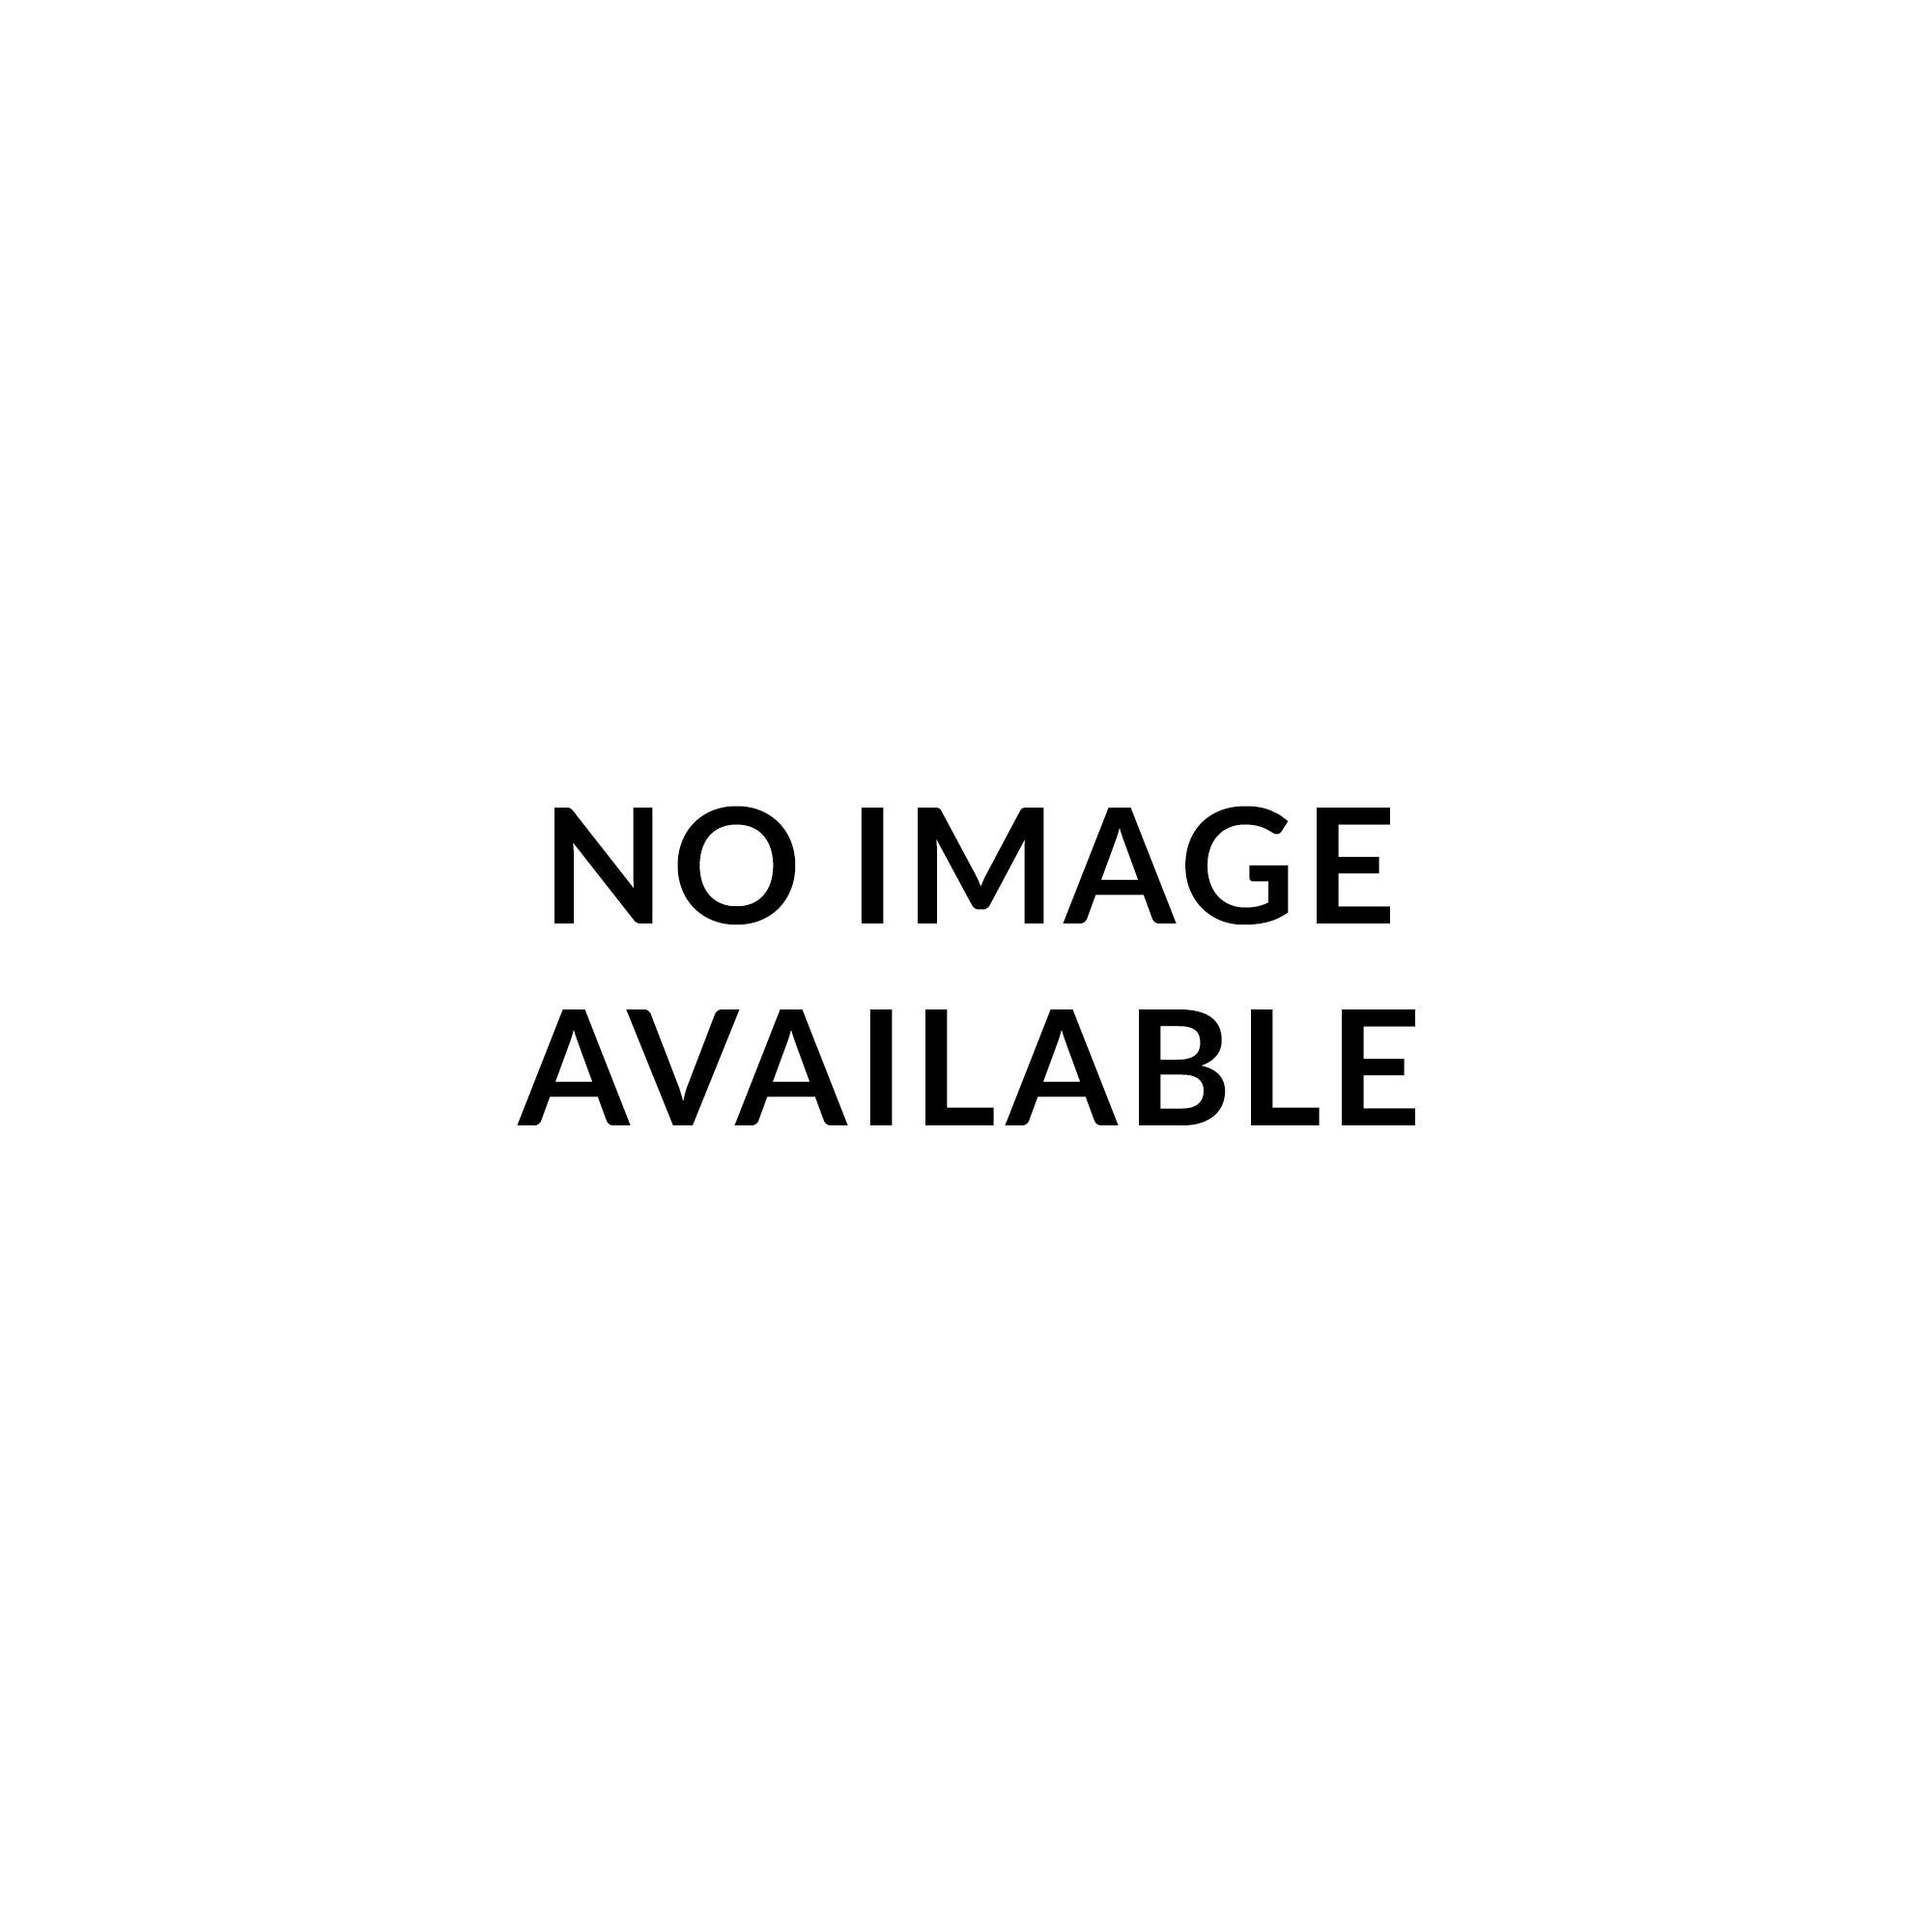 D'Addario PSB028w ProSteels XL Bass Single String .028w Long Scale